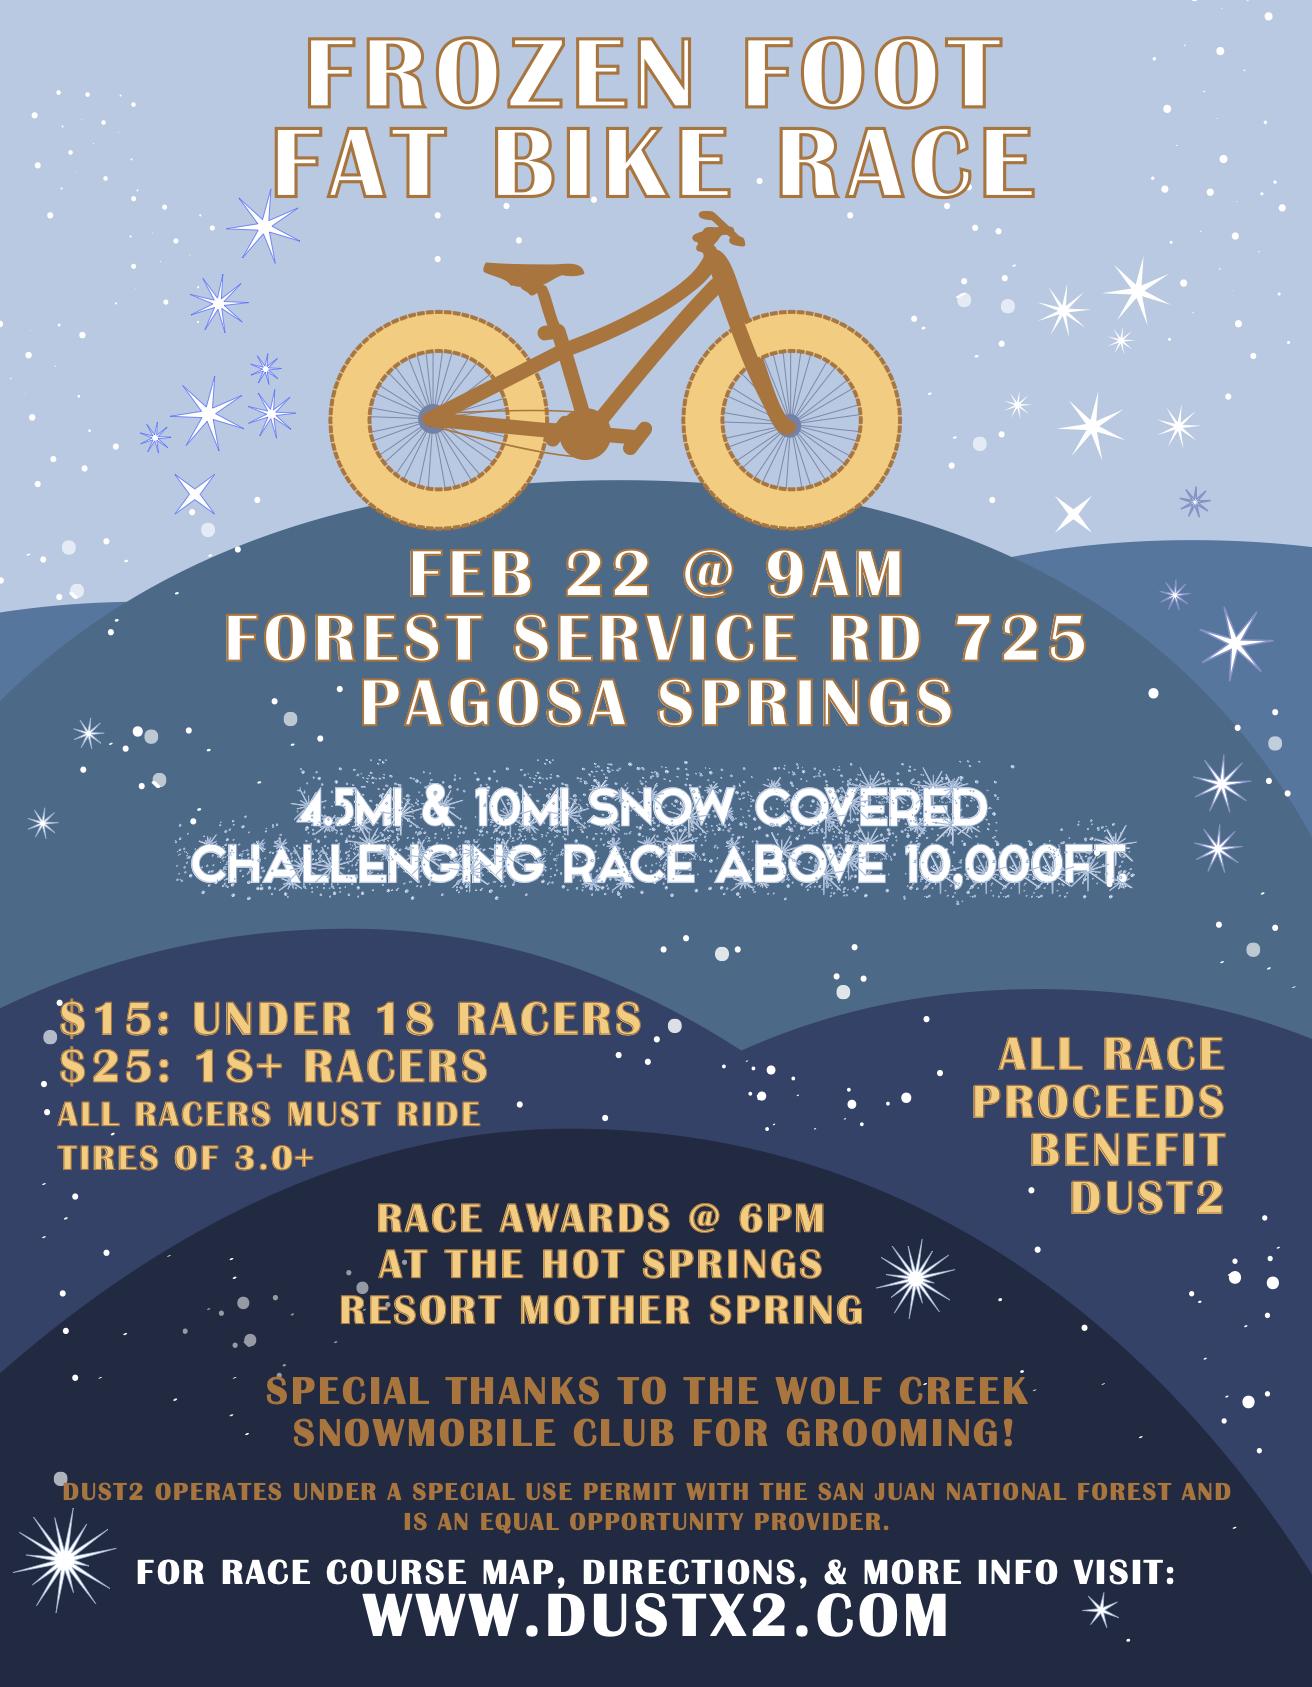 frozen-foot-fatbike-race-20